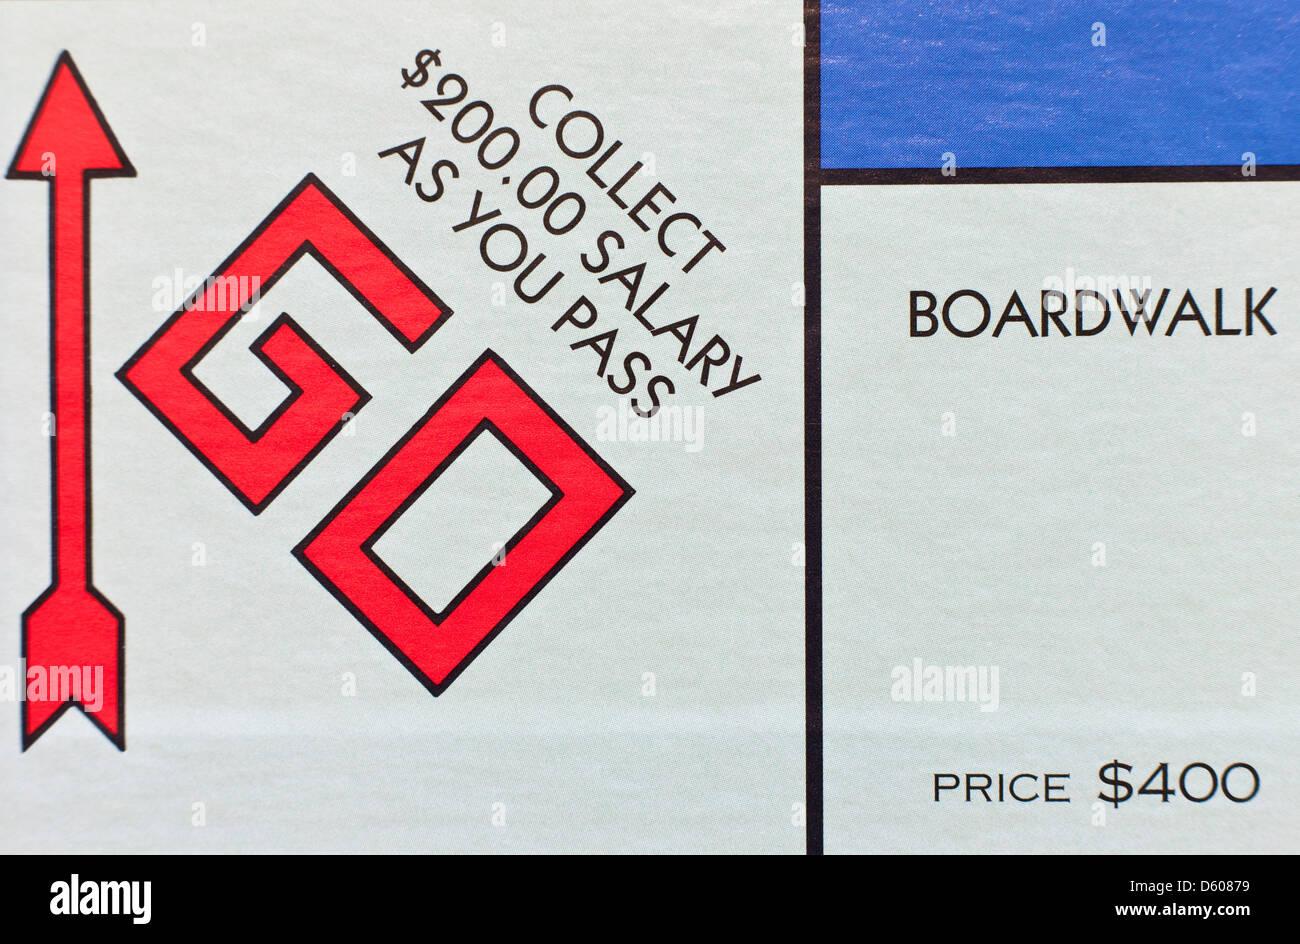 Gioco di monopoli - Go, raccogliere $200 Immagini Stock